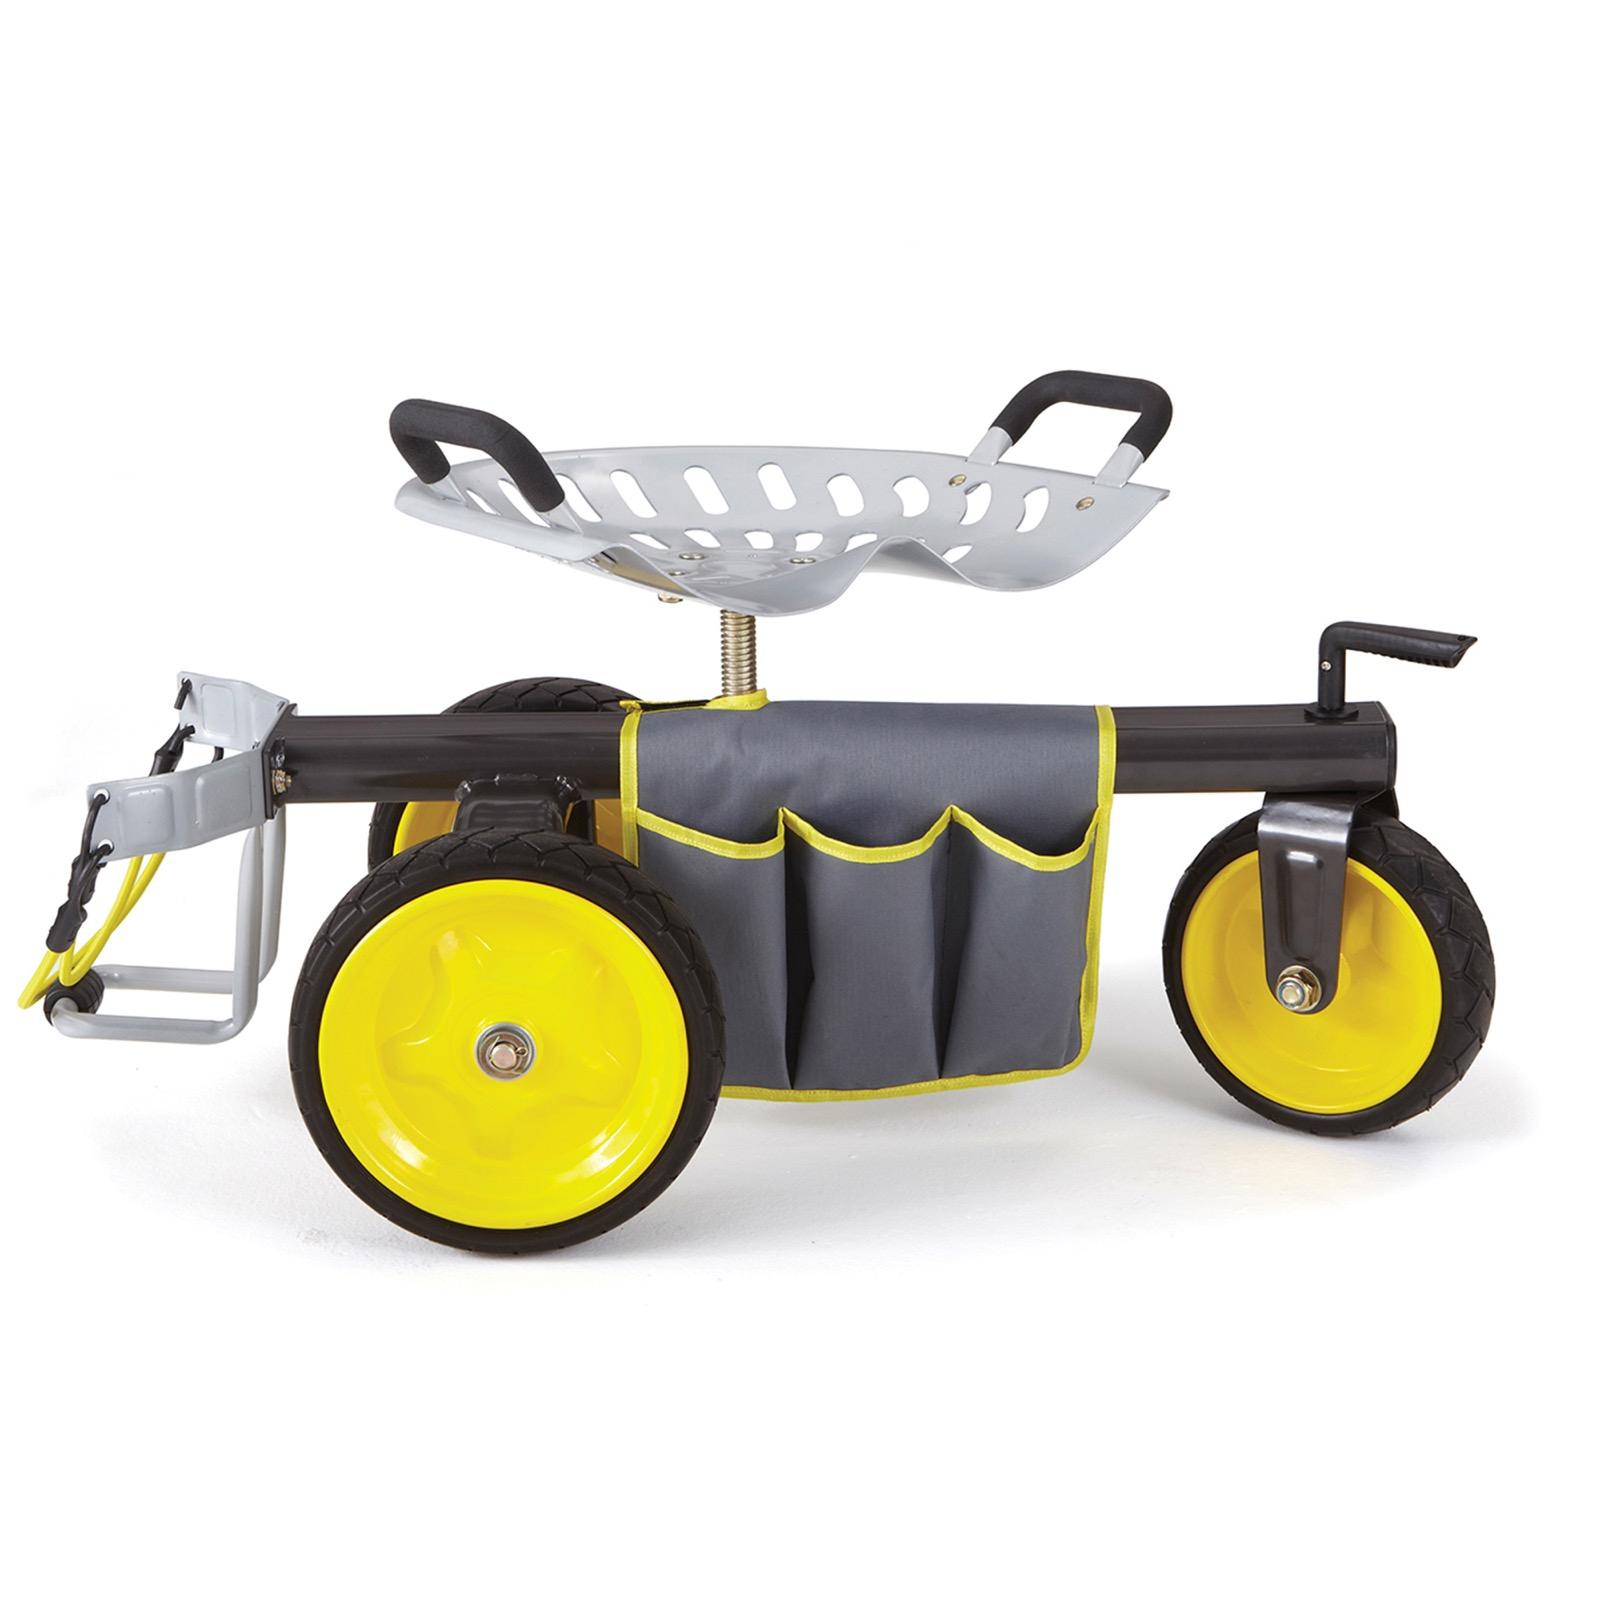 Gor Rgc Gorilla Carts